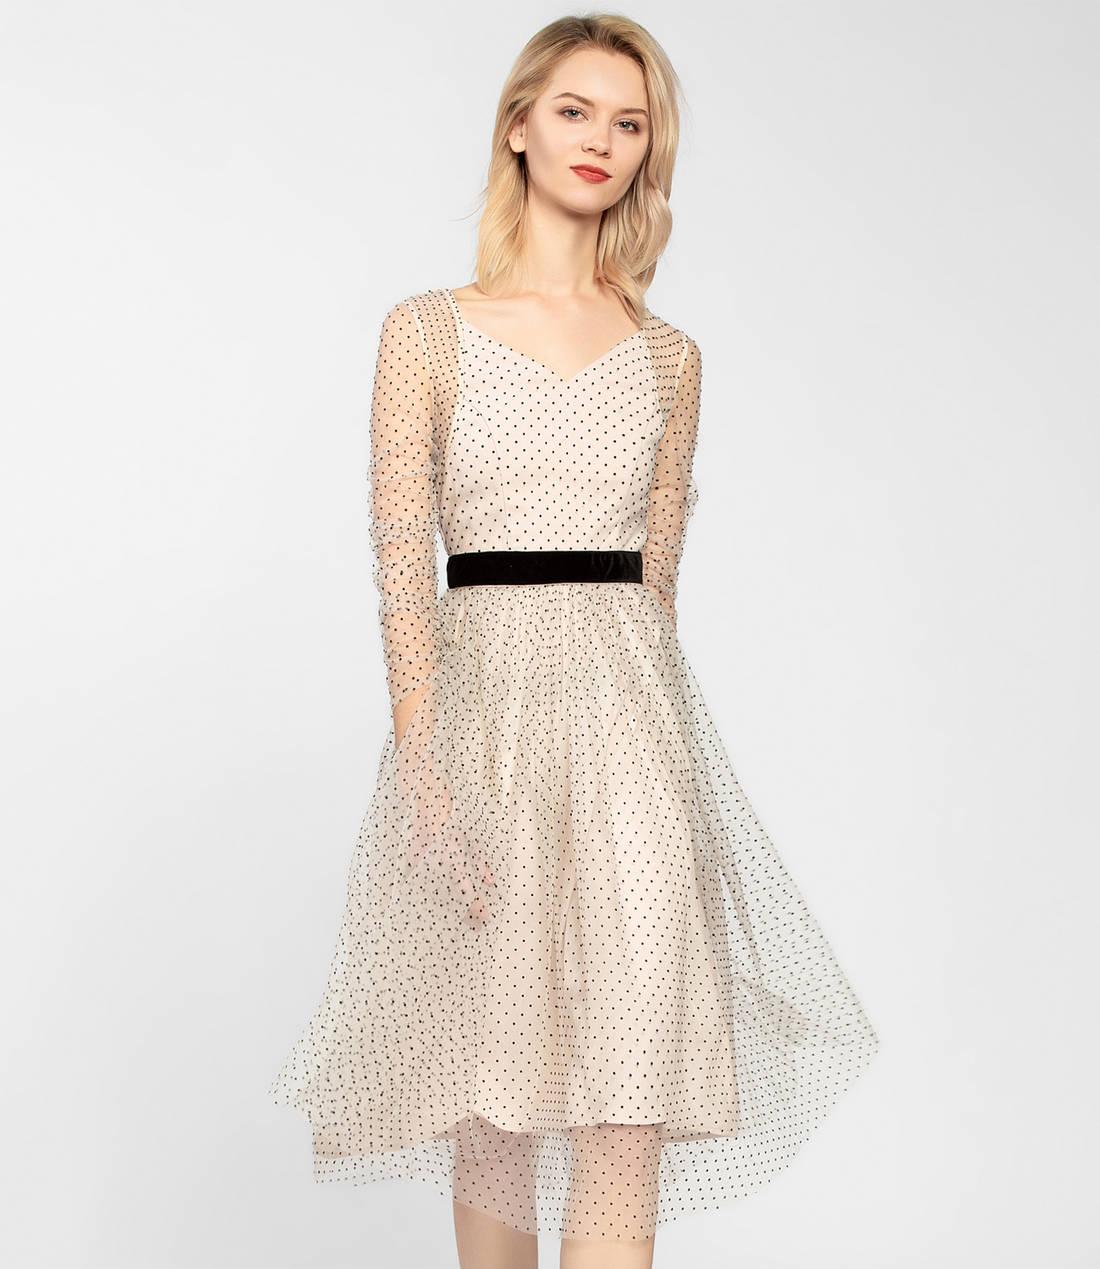 e98306d78f0 Модные платья в горошек — как их носить стильно + фото